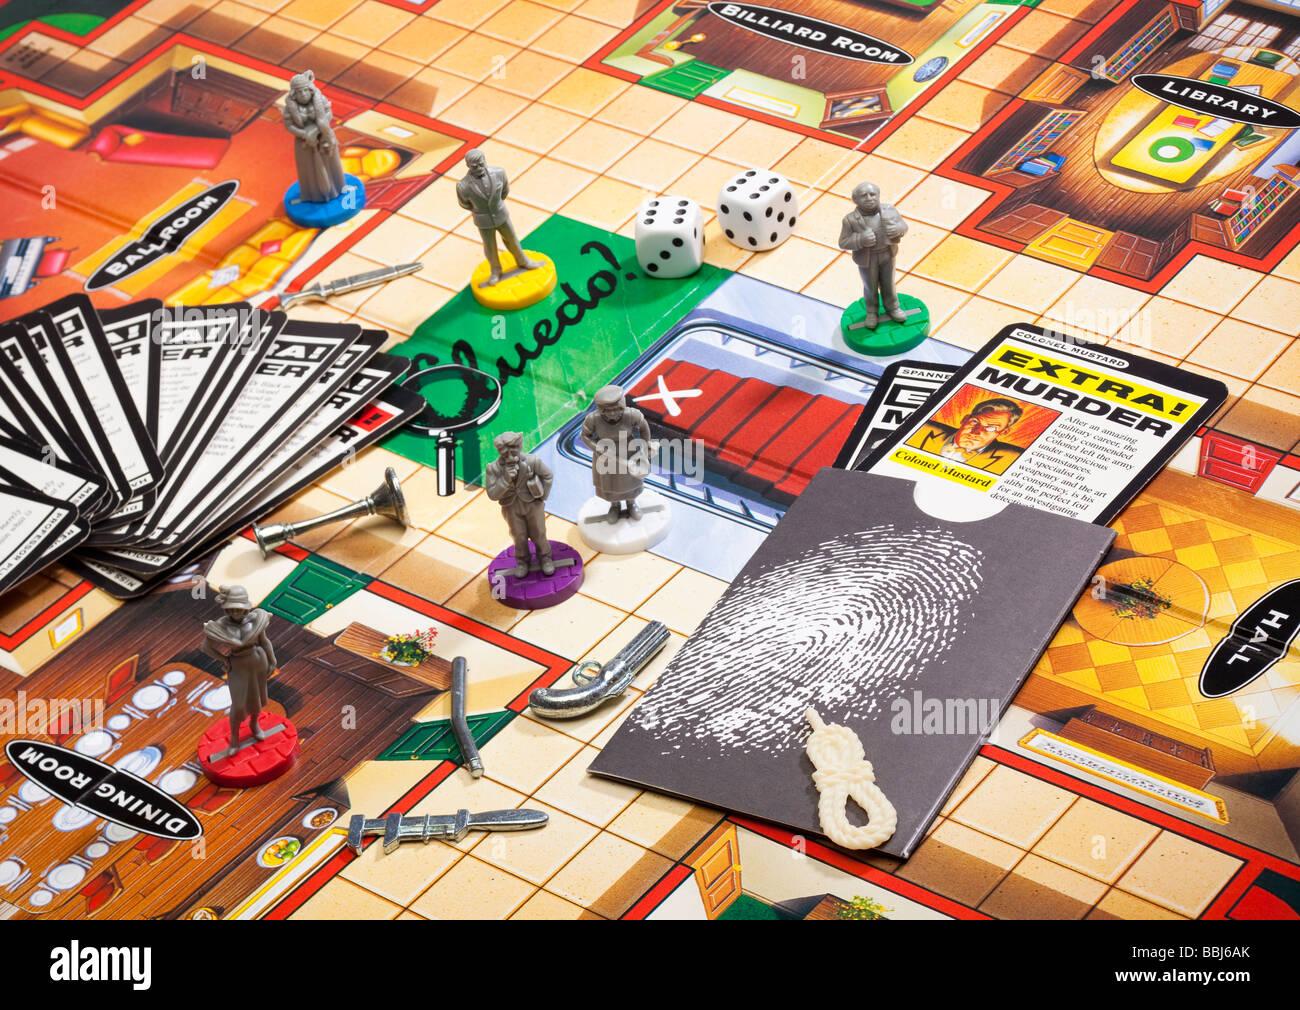 Jeux de société Cluedo - jeu de société avec des pièces Banque D'Images